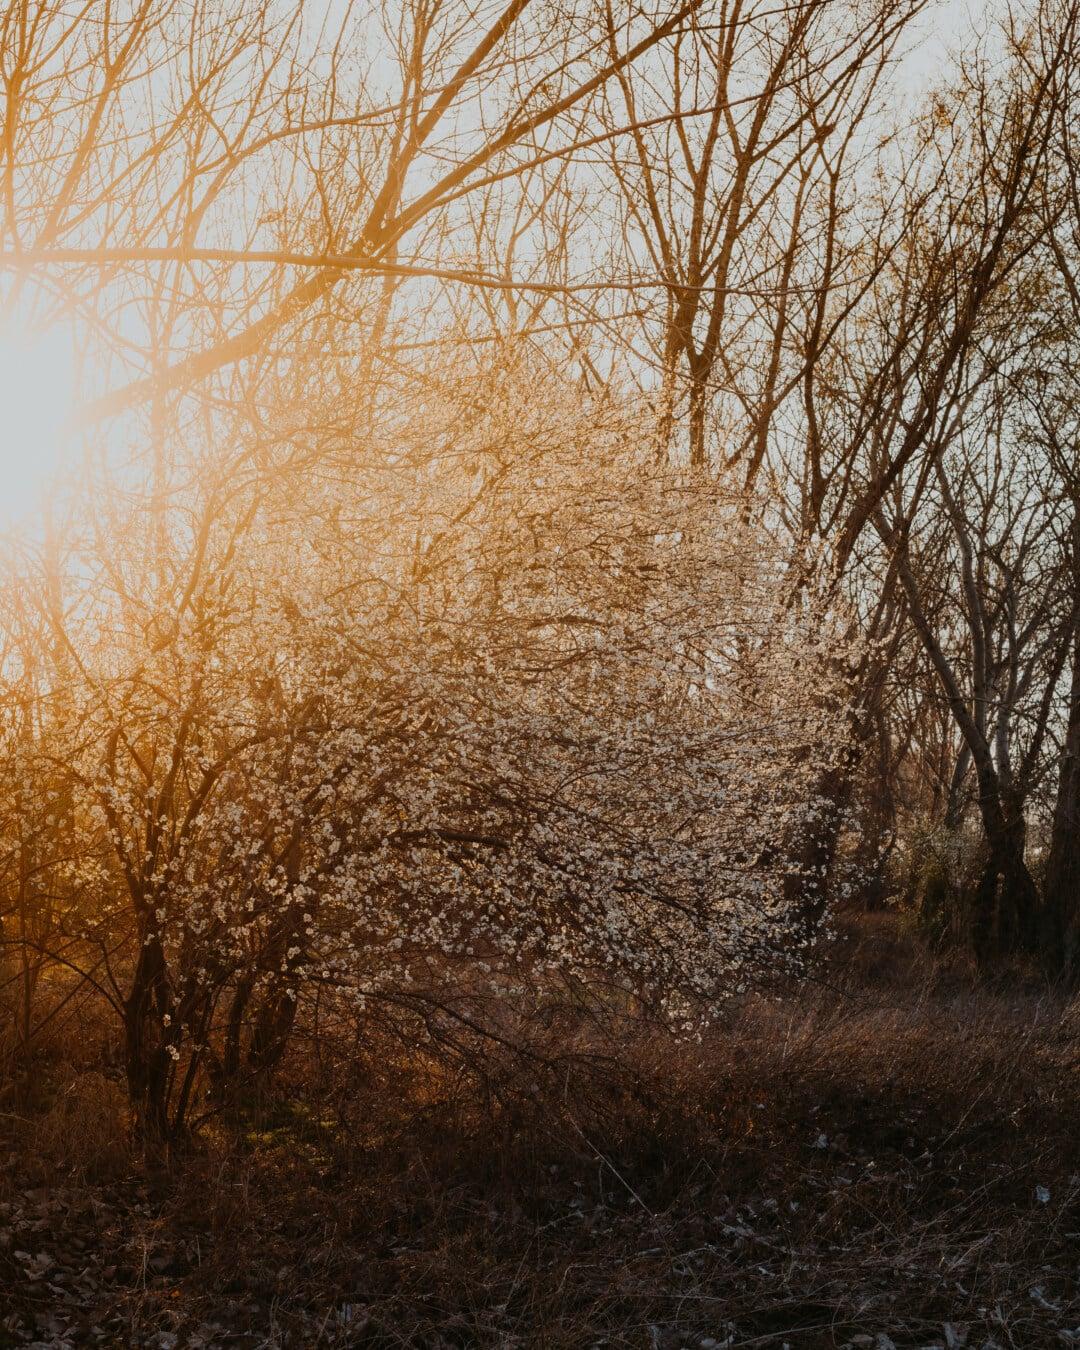 пролетно време, ден, Слънчев, Съншайн, слънчевите лъчи, дърво, пейзаж, гора, бреза, дървета